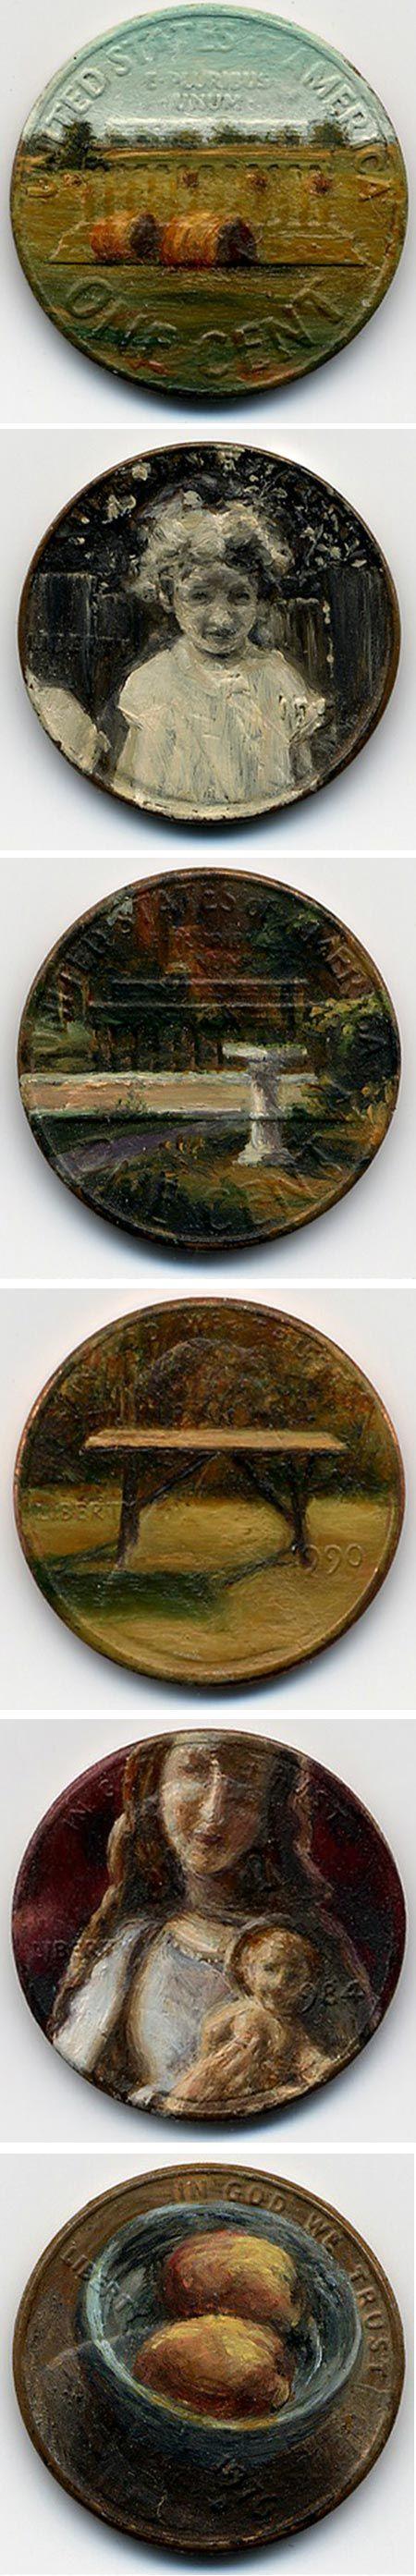 coin art 26